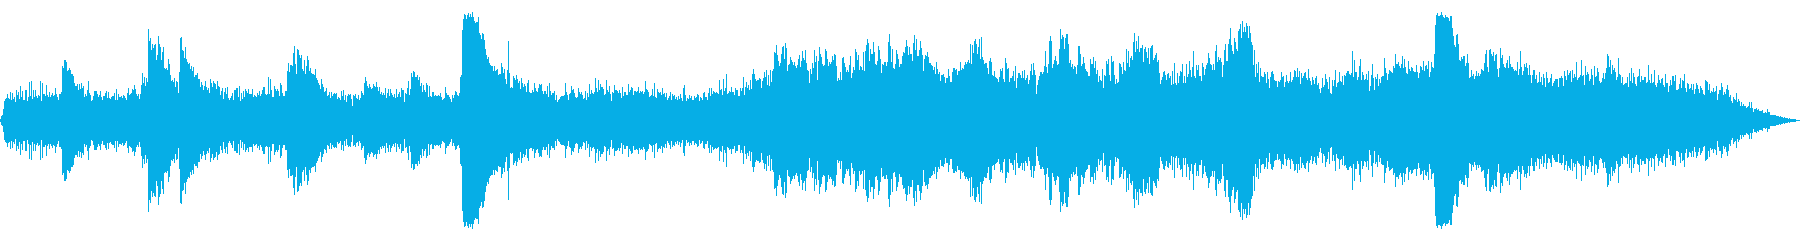 アンビエント風なホラー【ピアノ・ベル】の再生済みの波形